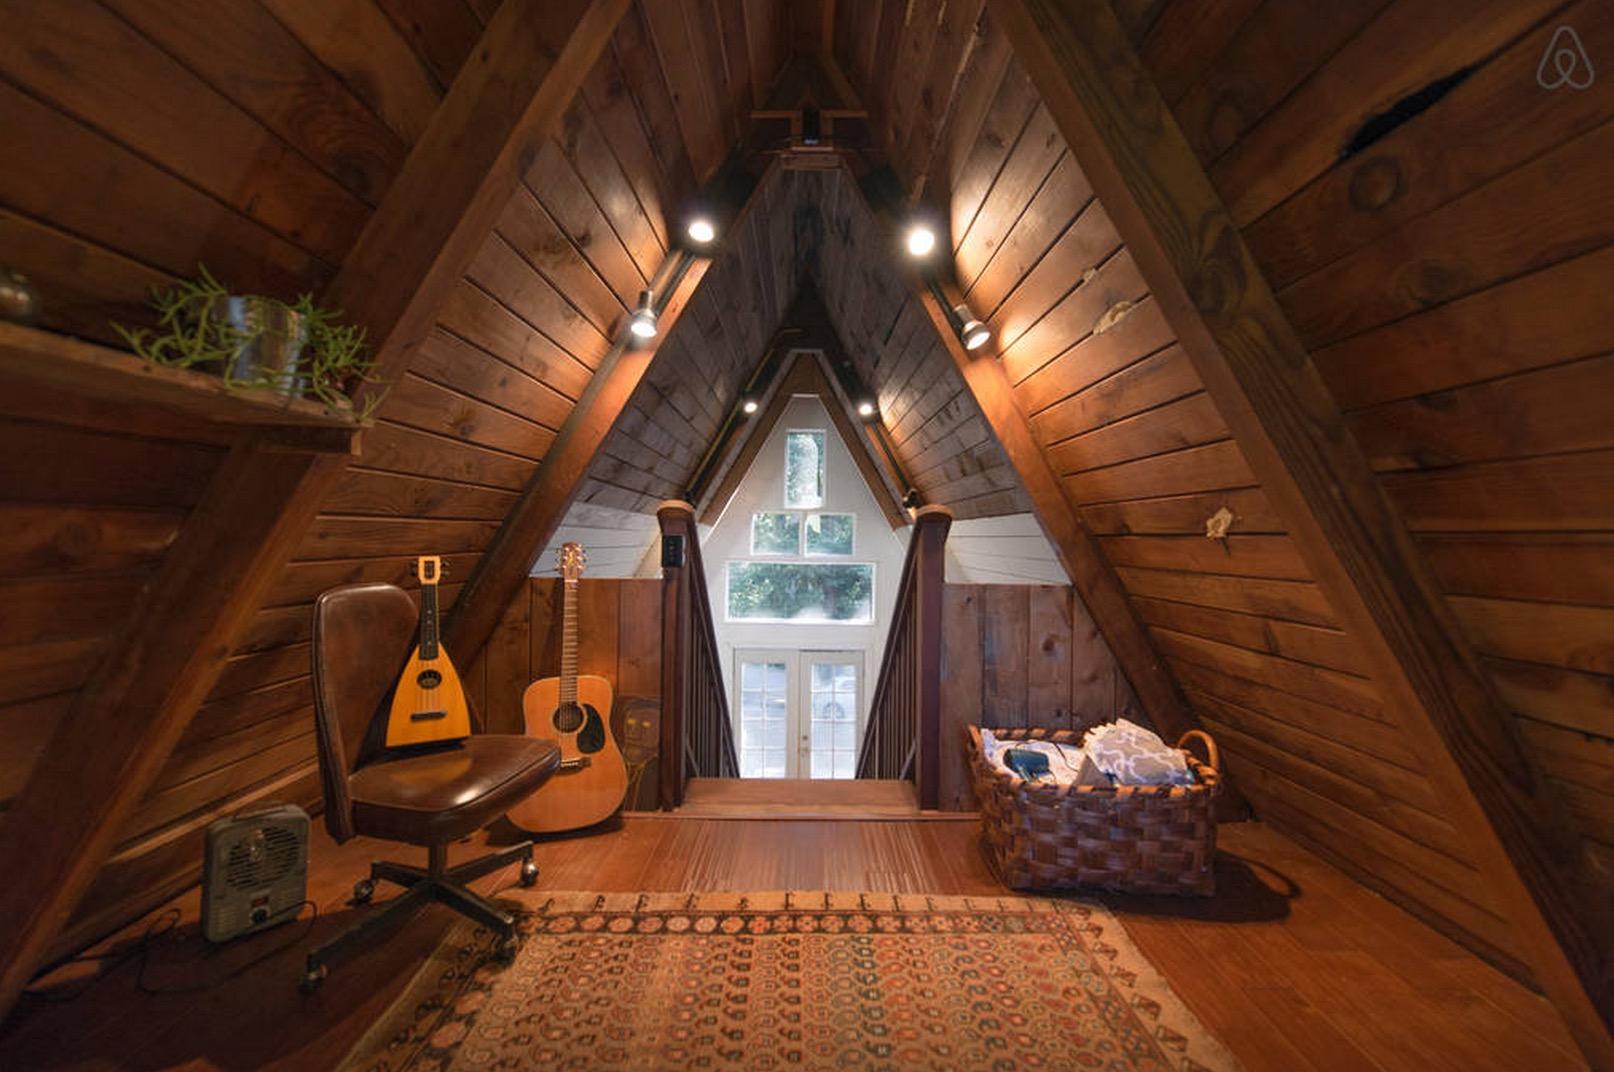 Cabin-Redwoods-Joli-Joli-Design-Cabine-05